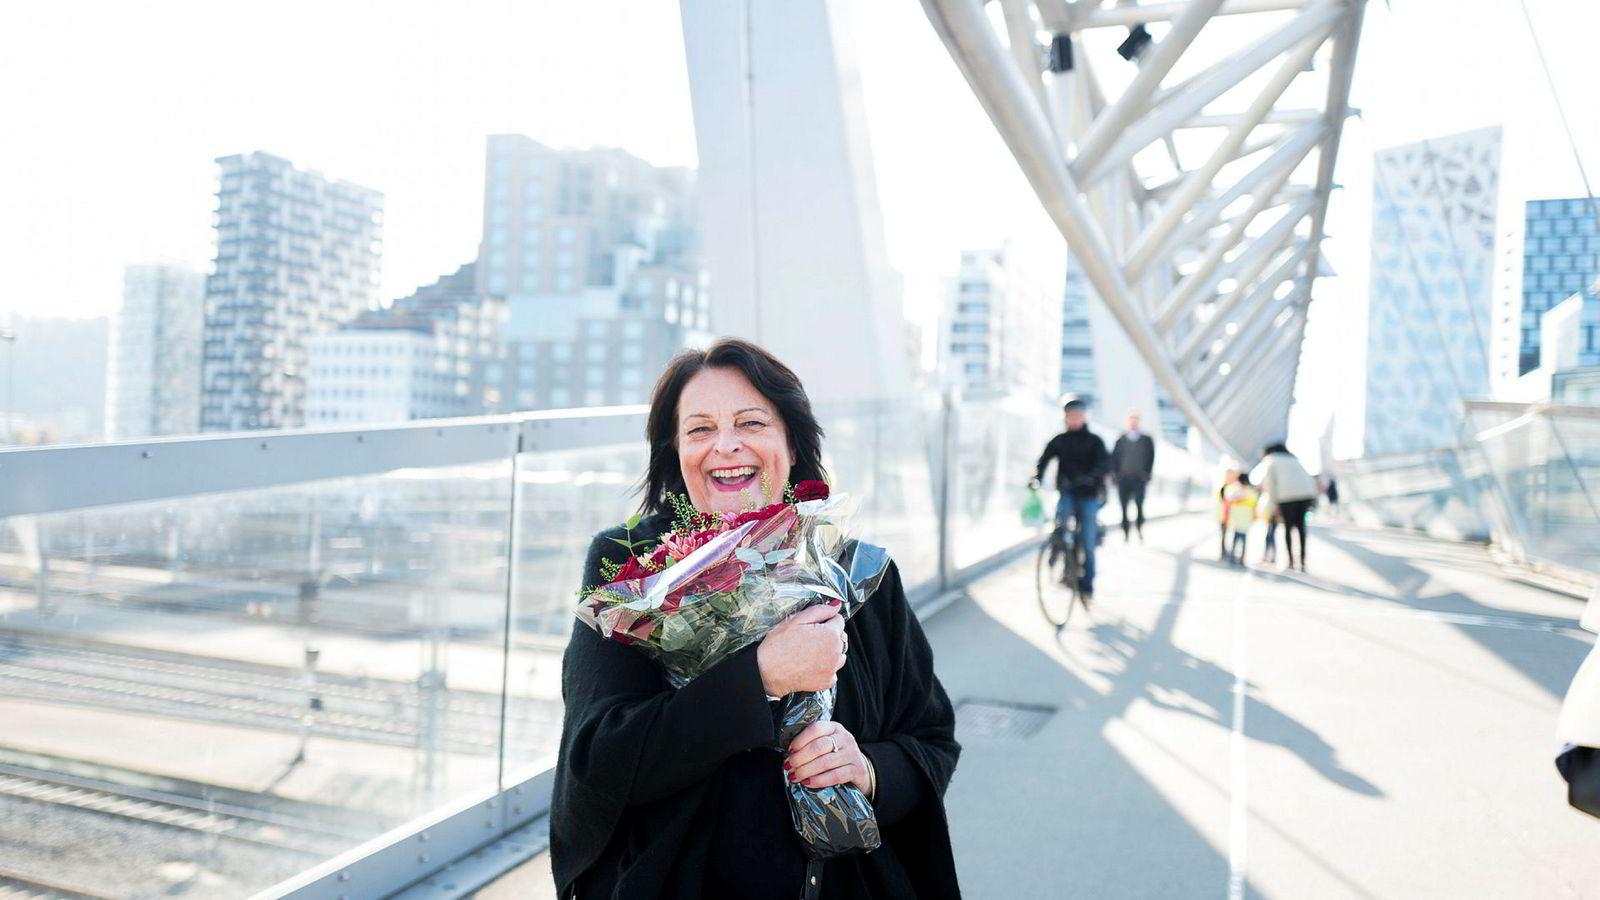 – Jeg var i en spesiell situasjon, for jeg var veldig avhengig av den fremtidige økonomien på grunn av sykdom hos min mann. Det tok ikke DNB hensyn til, sier Bente Wigaard.